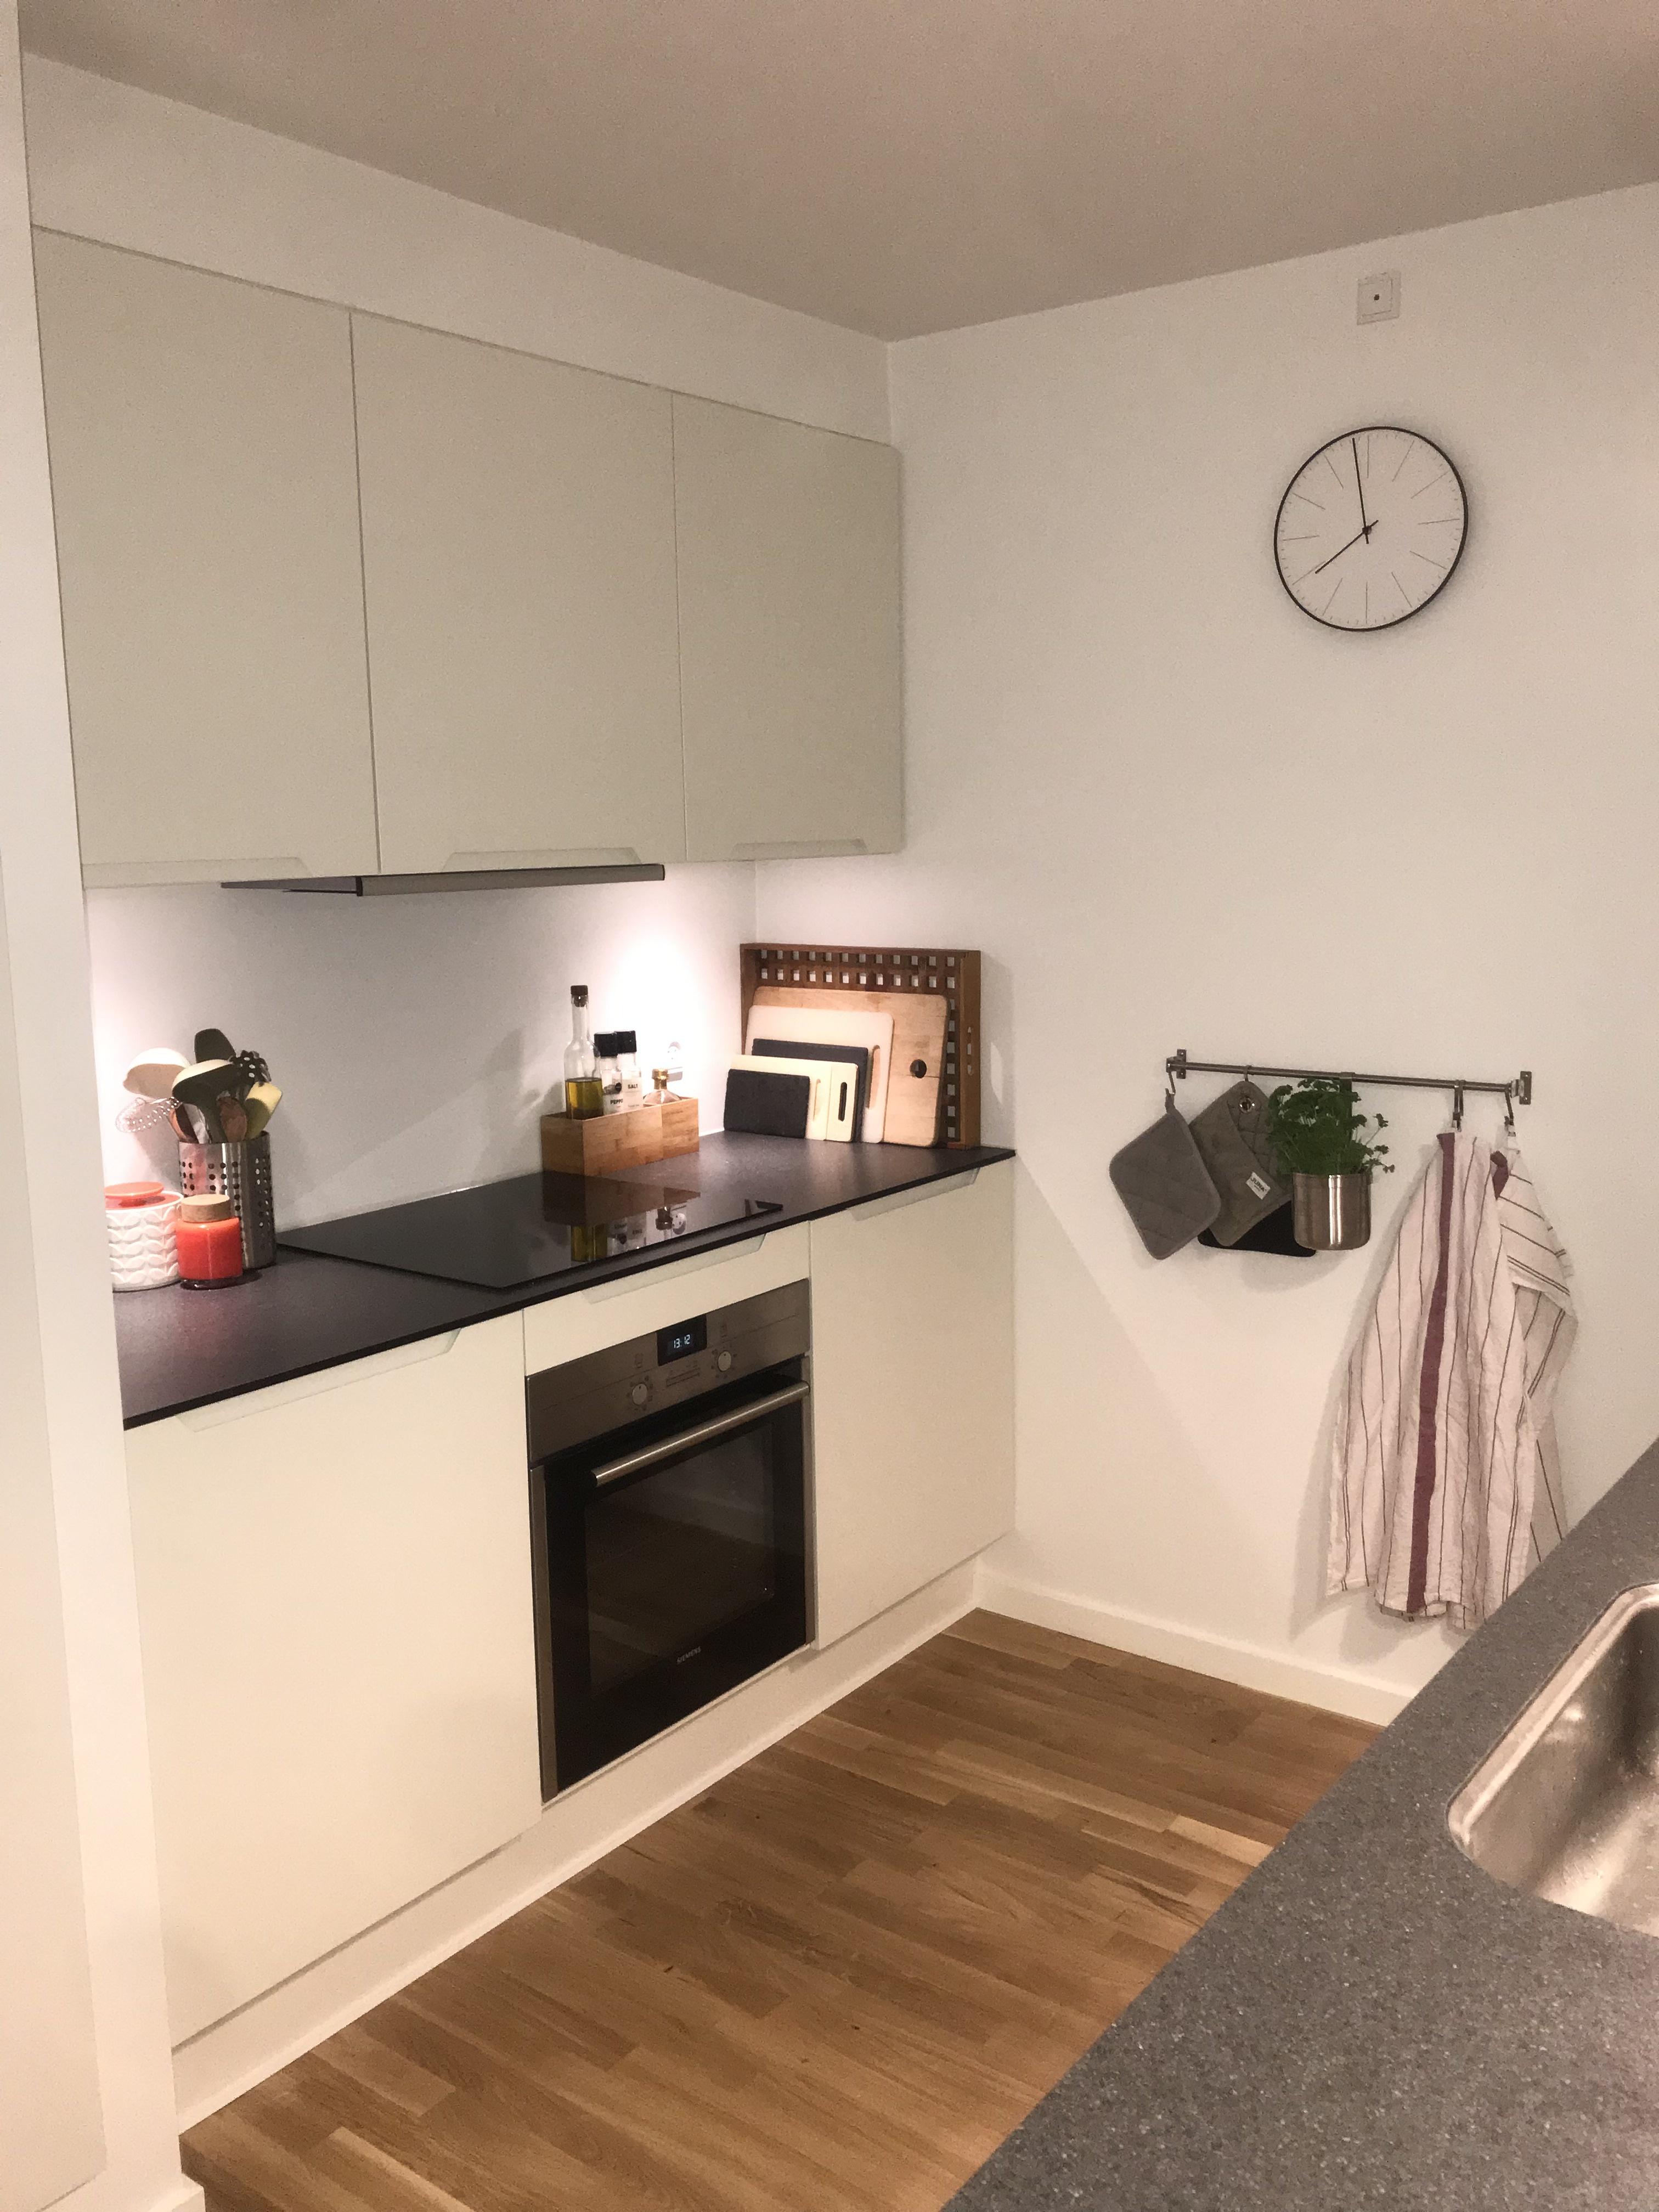 Roomie søges til lejlighed centralt i Aarhus C